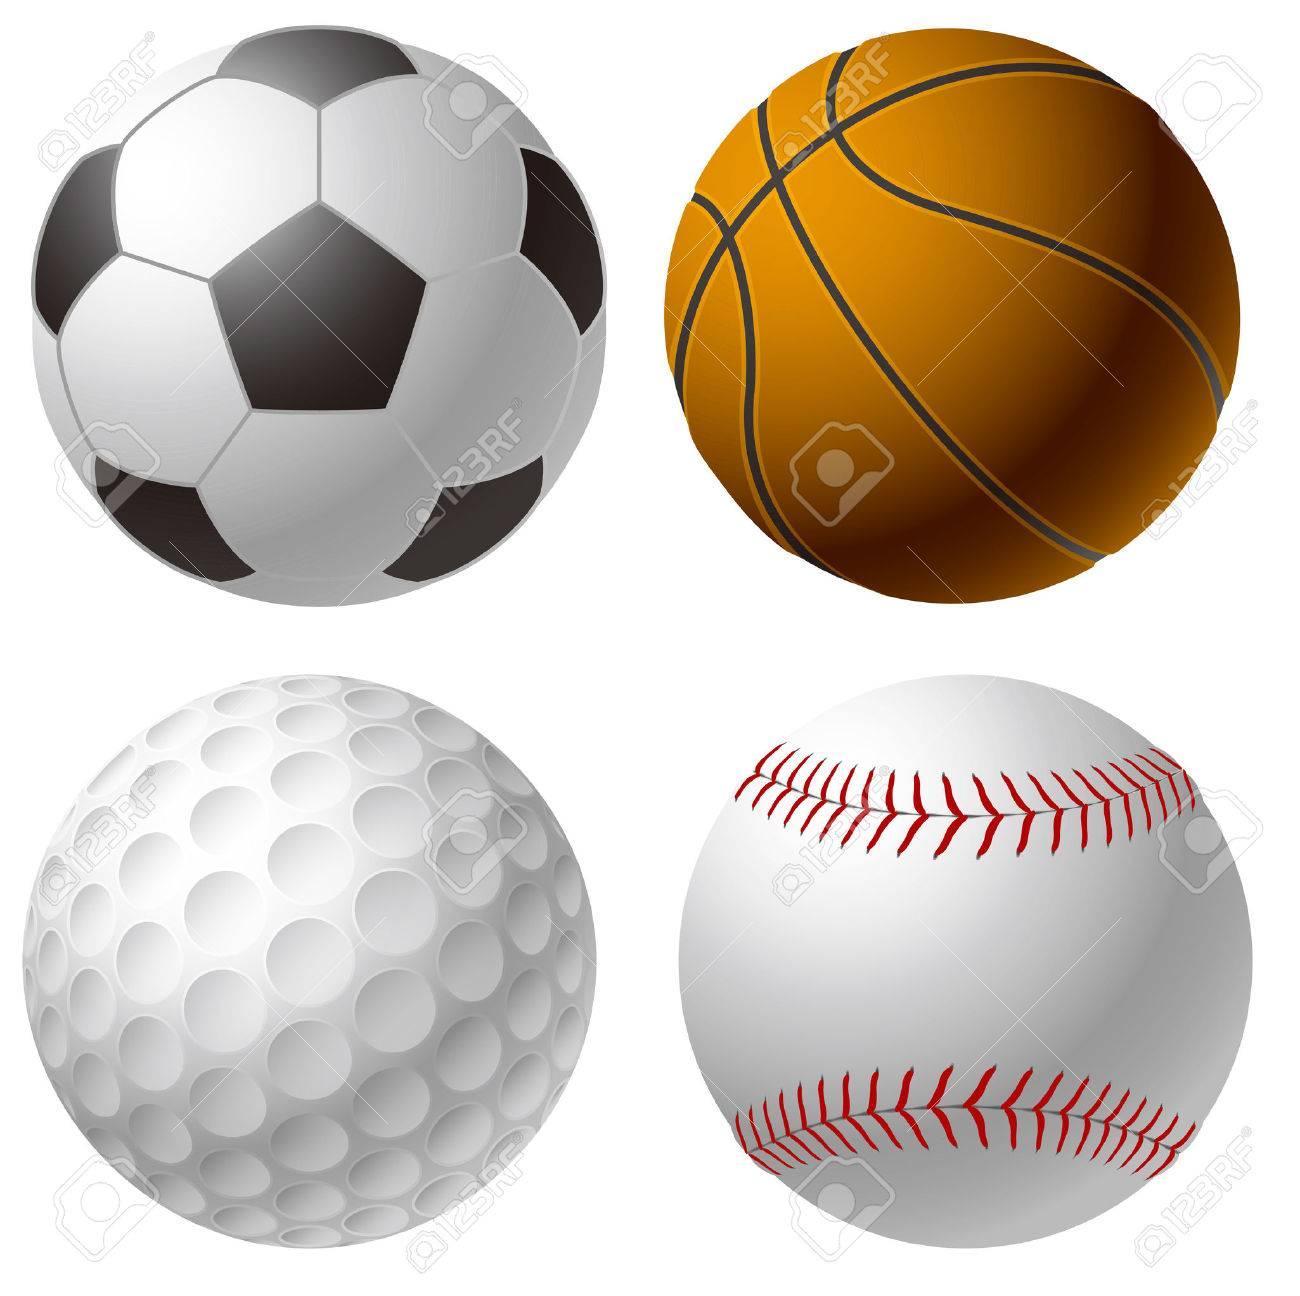 e3717f2c64c95 Foto de archivo - Se divierte bolas. El balón de fútbol. Baloncesto. Pelota  de golf. Bola del béisbol